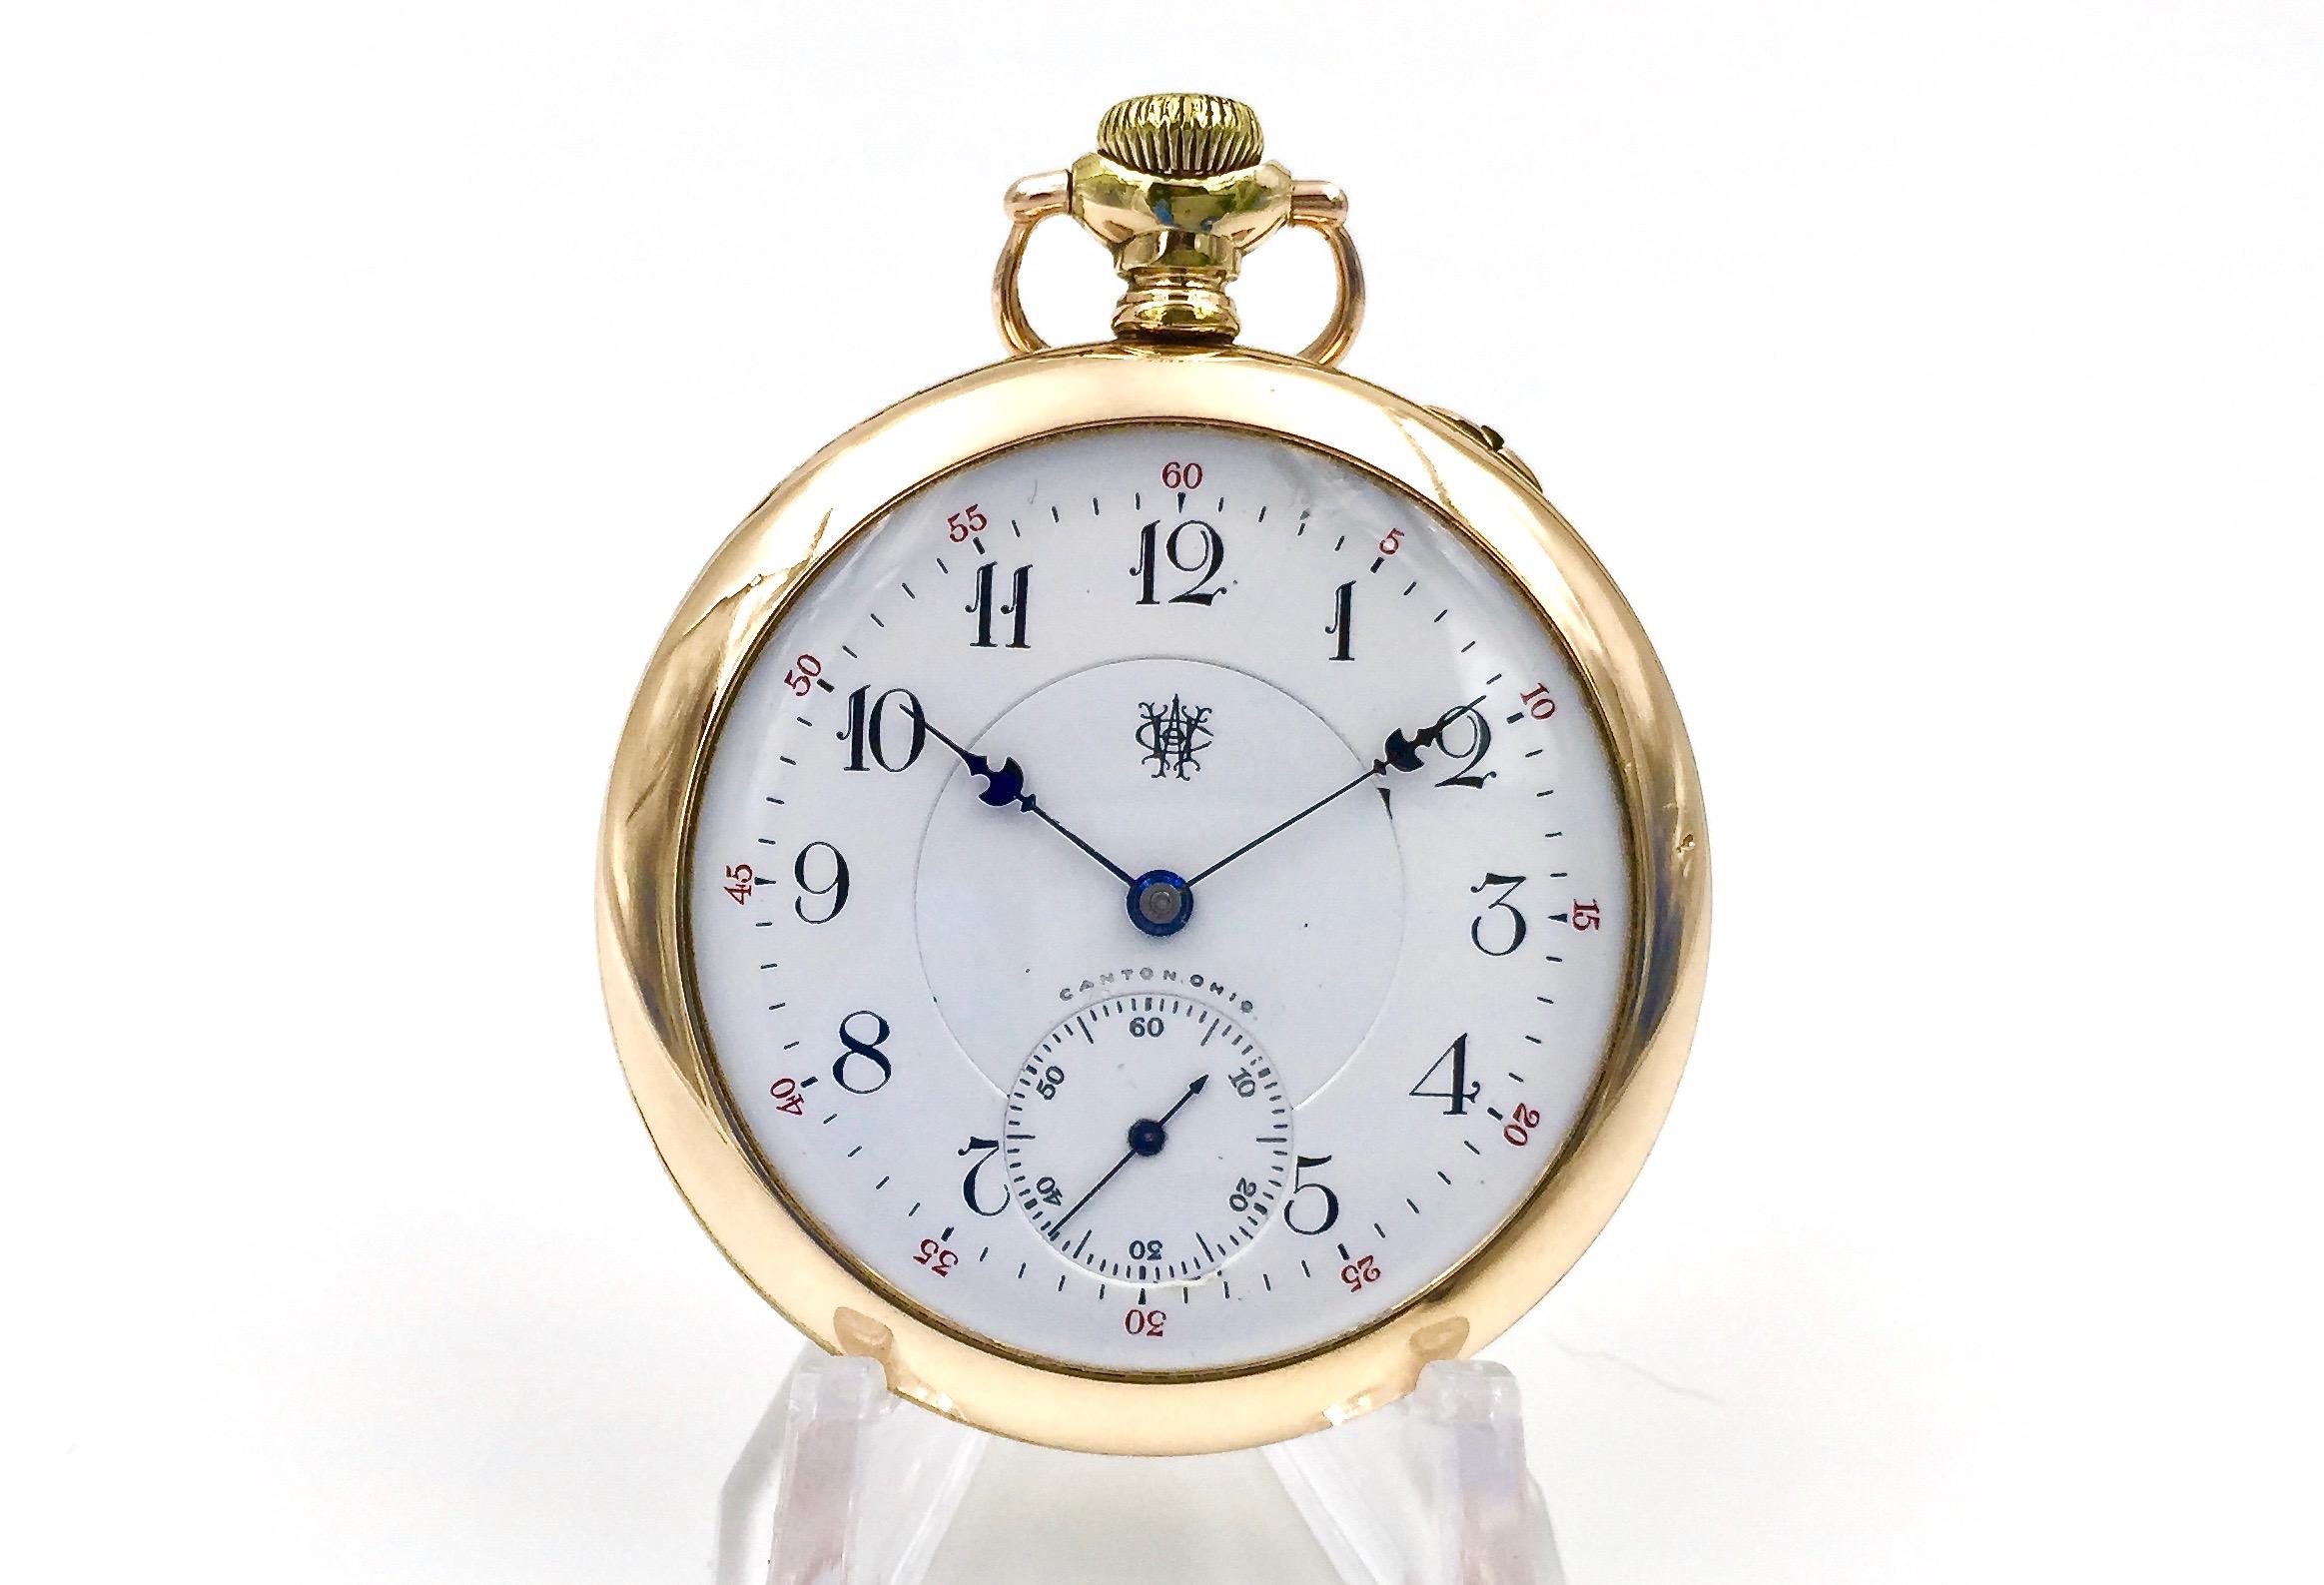 dueber hampden pocket watch serial number